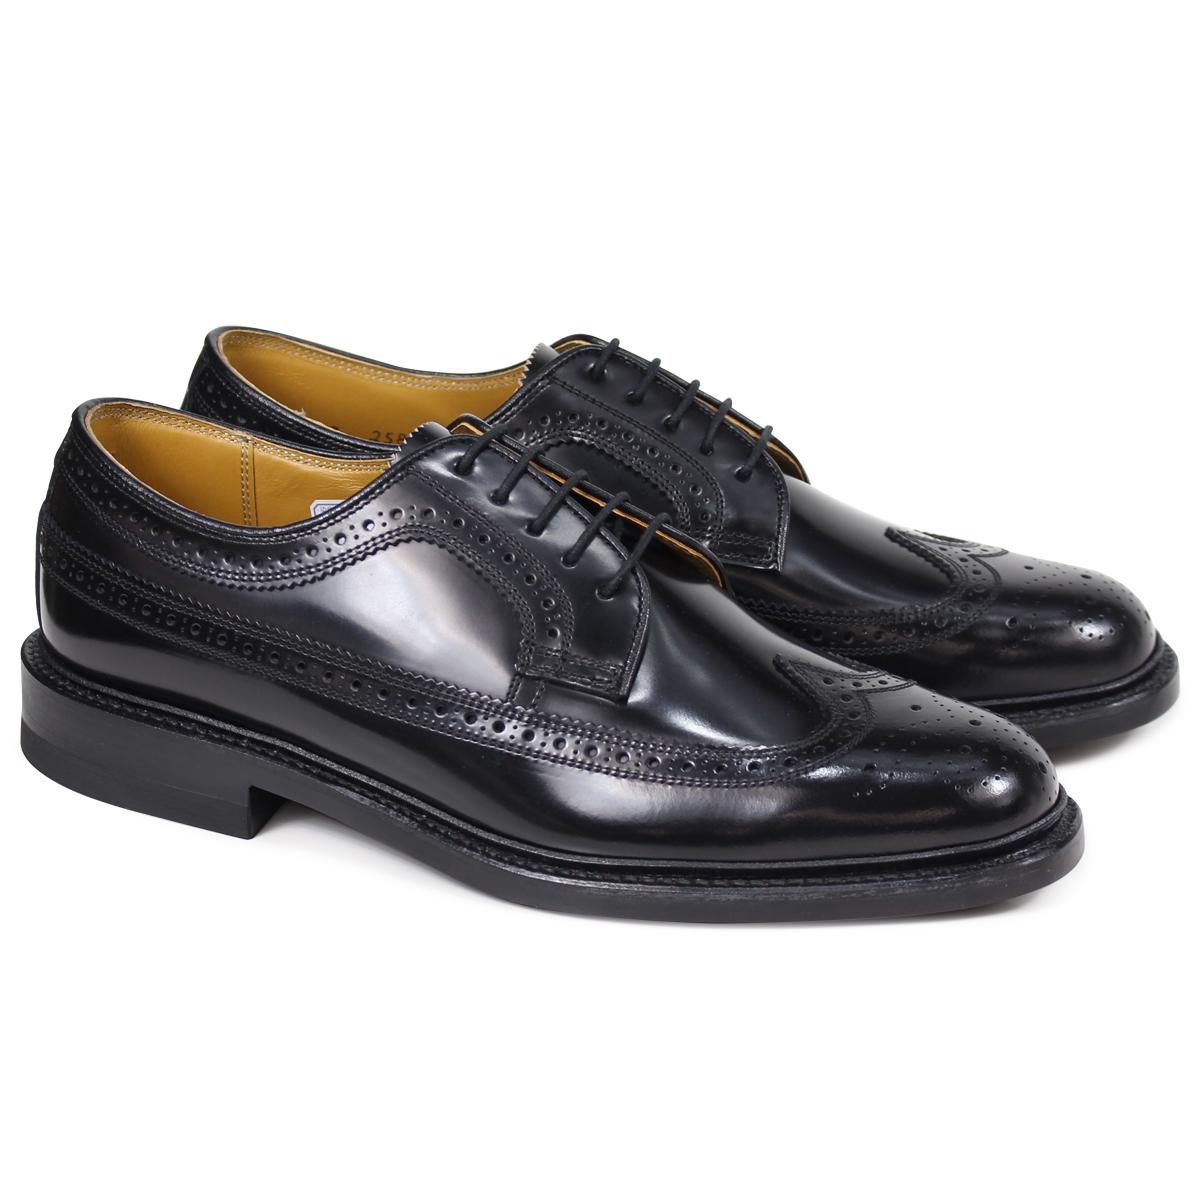 REGAL 2589N リーガル 靴 メンズ ウイングチップ ビジネスシューズ 日本製 ブラック